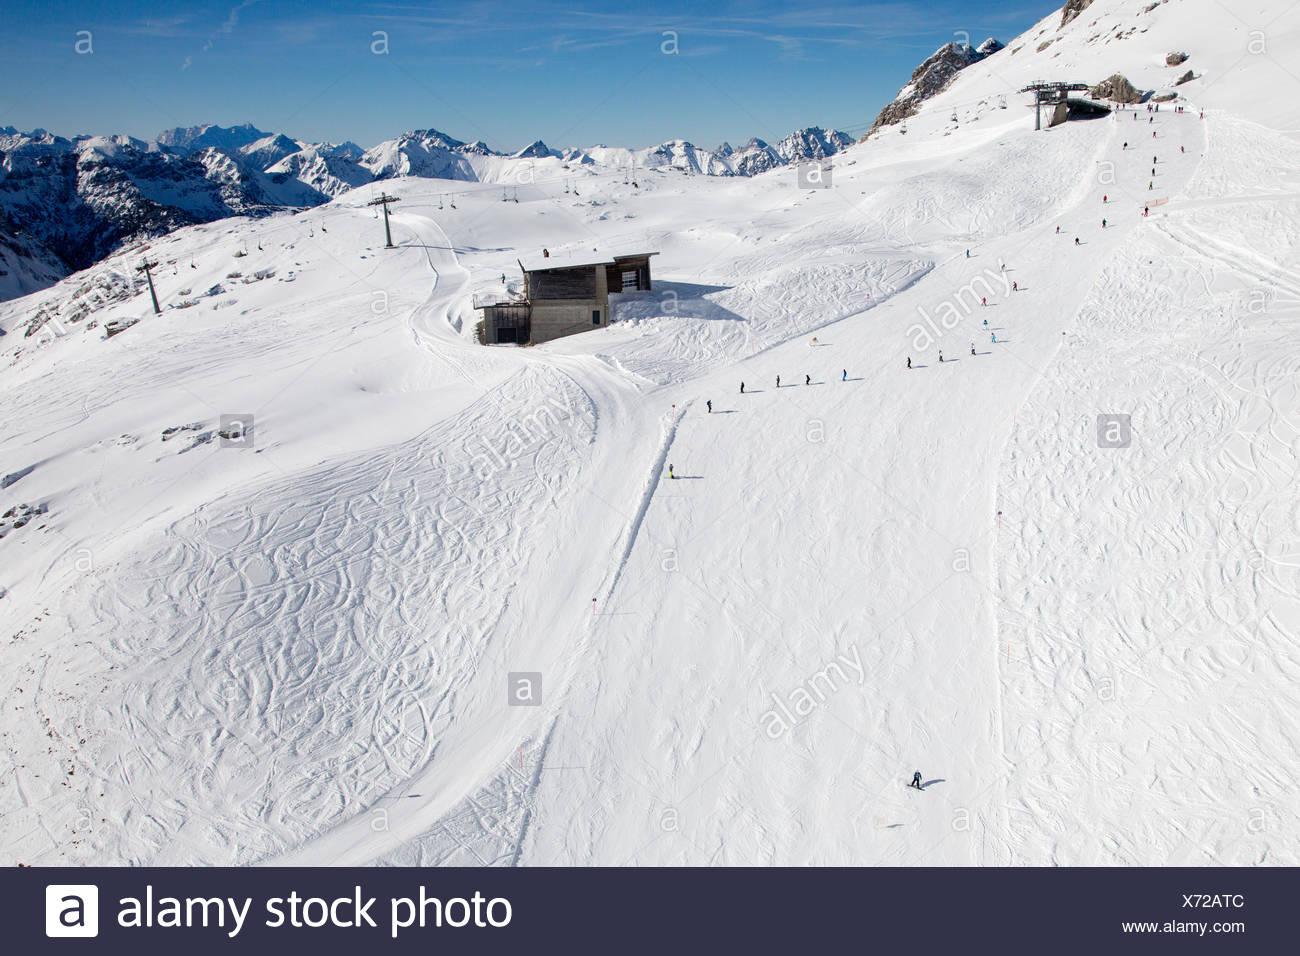 Mit Schnee bedeckte Skipiste mit Skifahrern und Snowboardern in den Bergen Alpen Stock Photo